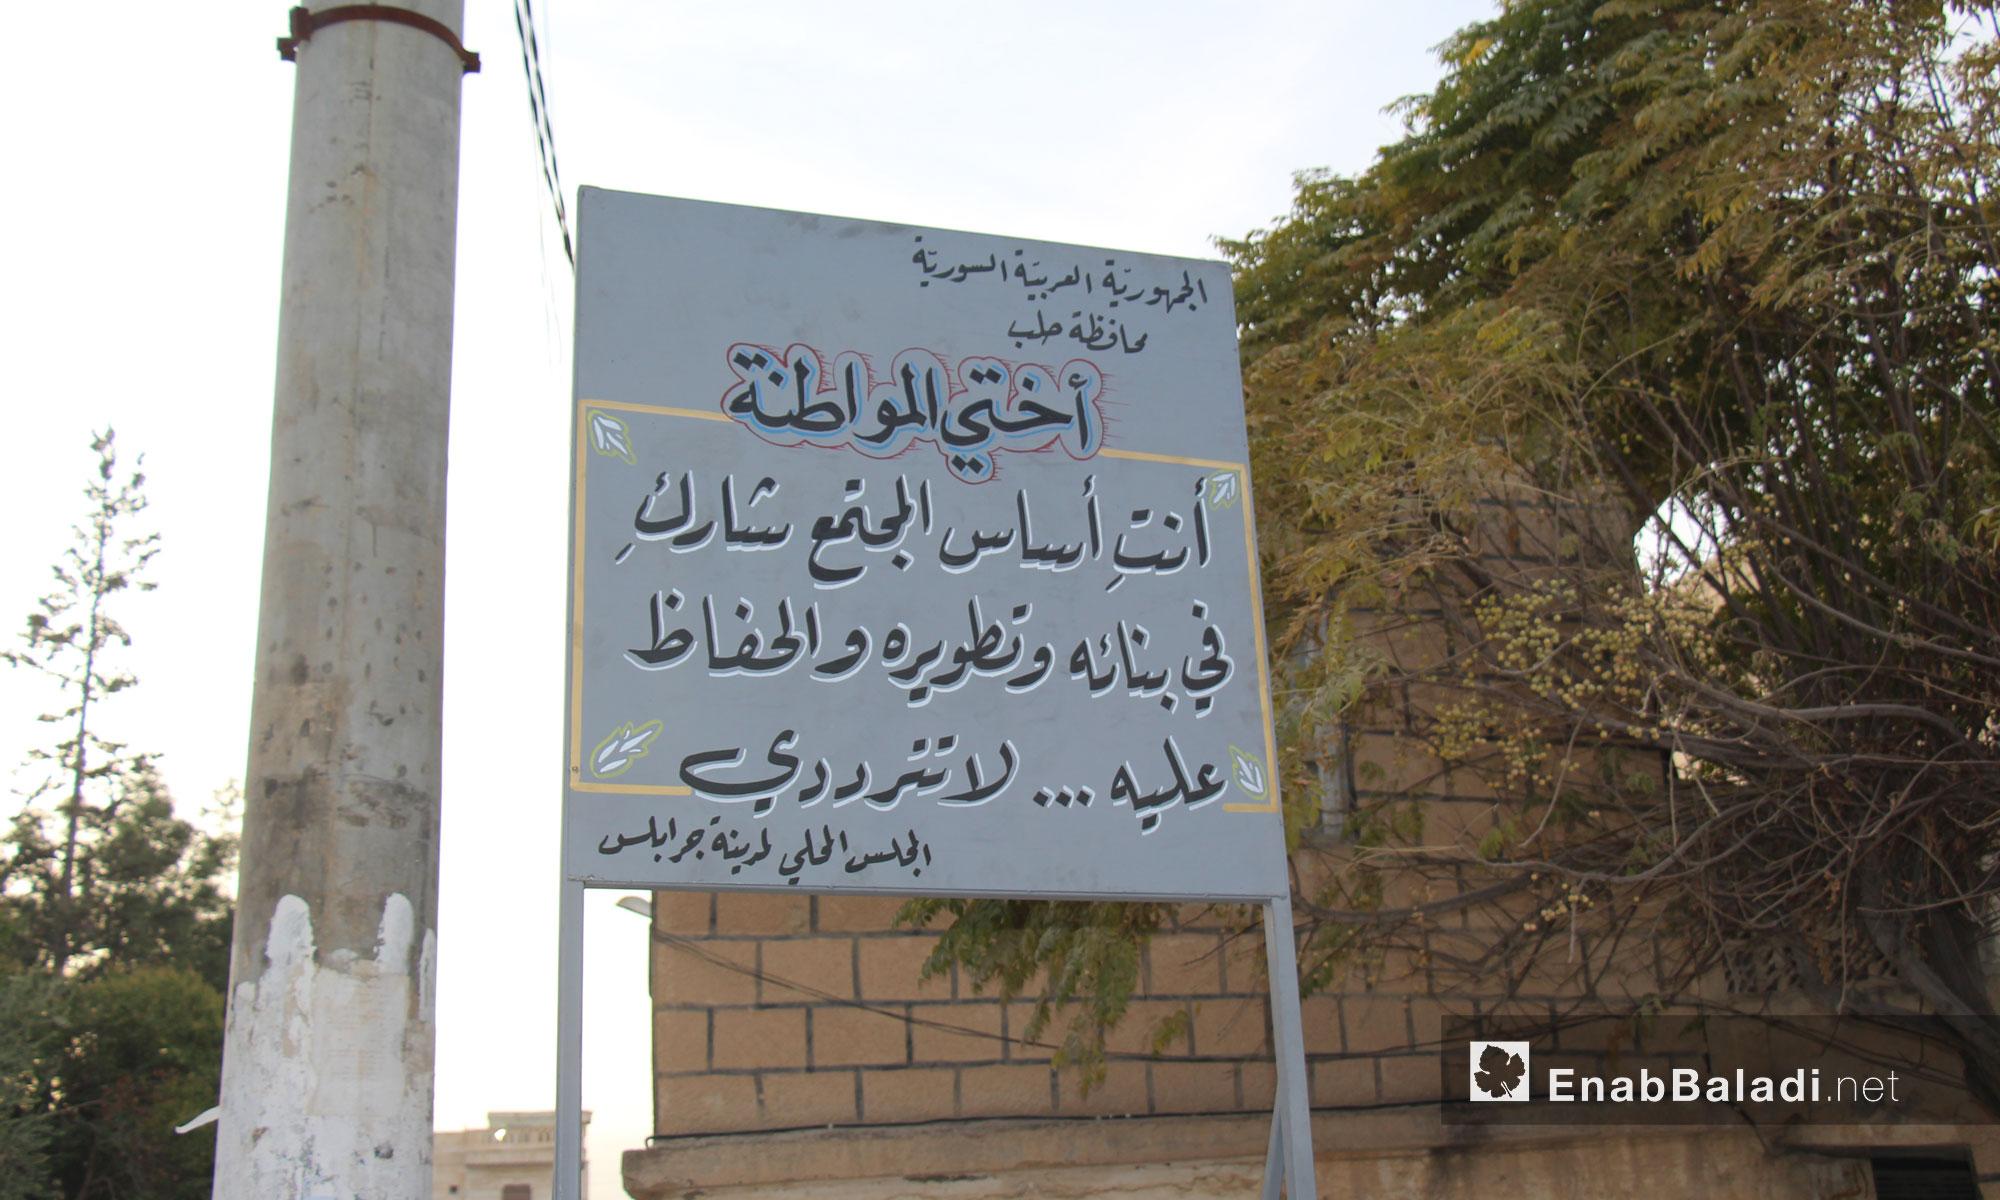 لافتة تدعو المرأة للمشاركة بدورٍ فاعل في بناء المجتمع في جرابلس شمال حلب - تشرين الثاني 2016 (عنب بلدي)